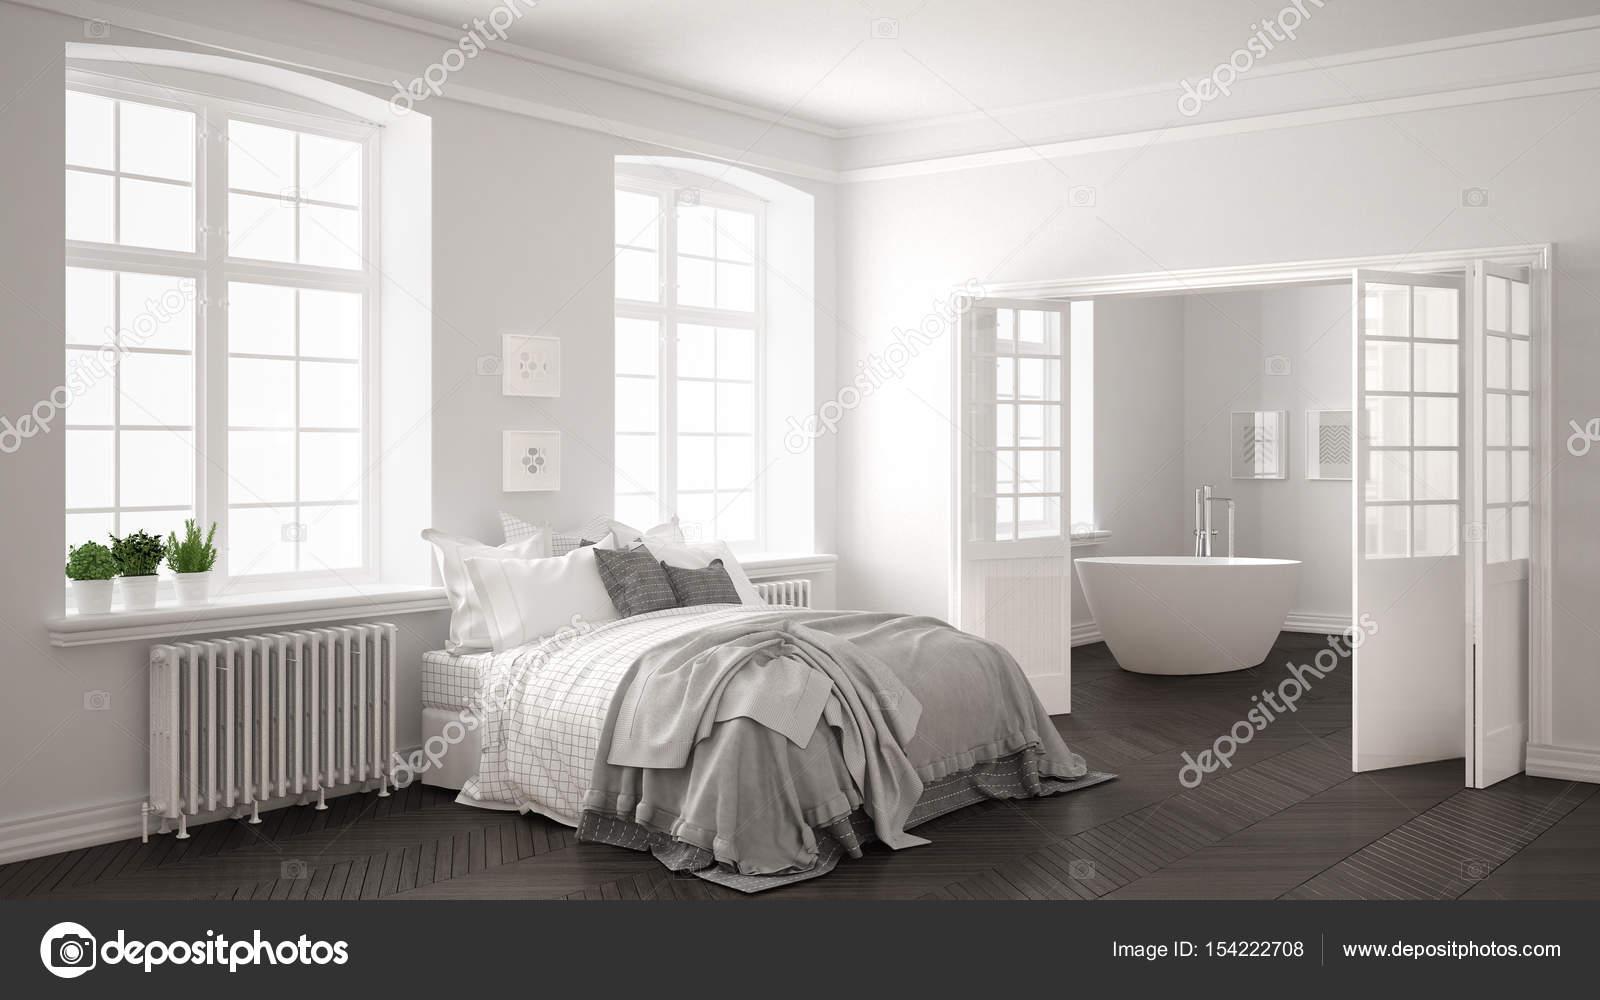 Minimalistische Scandinavische wit slaapkamer met badkamer in de ...